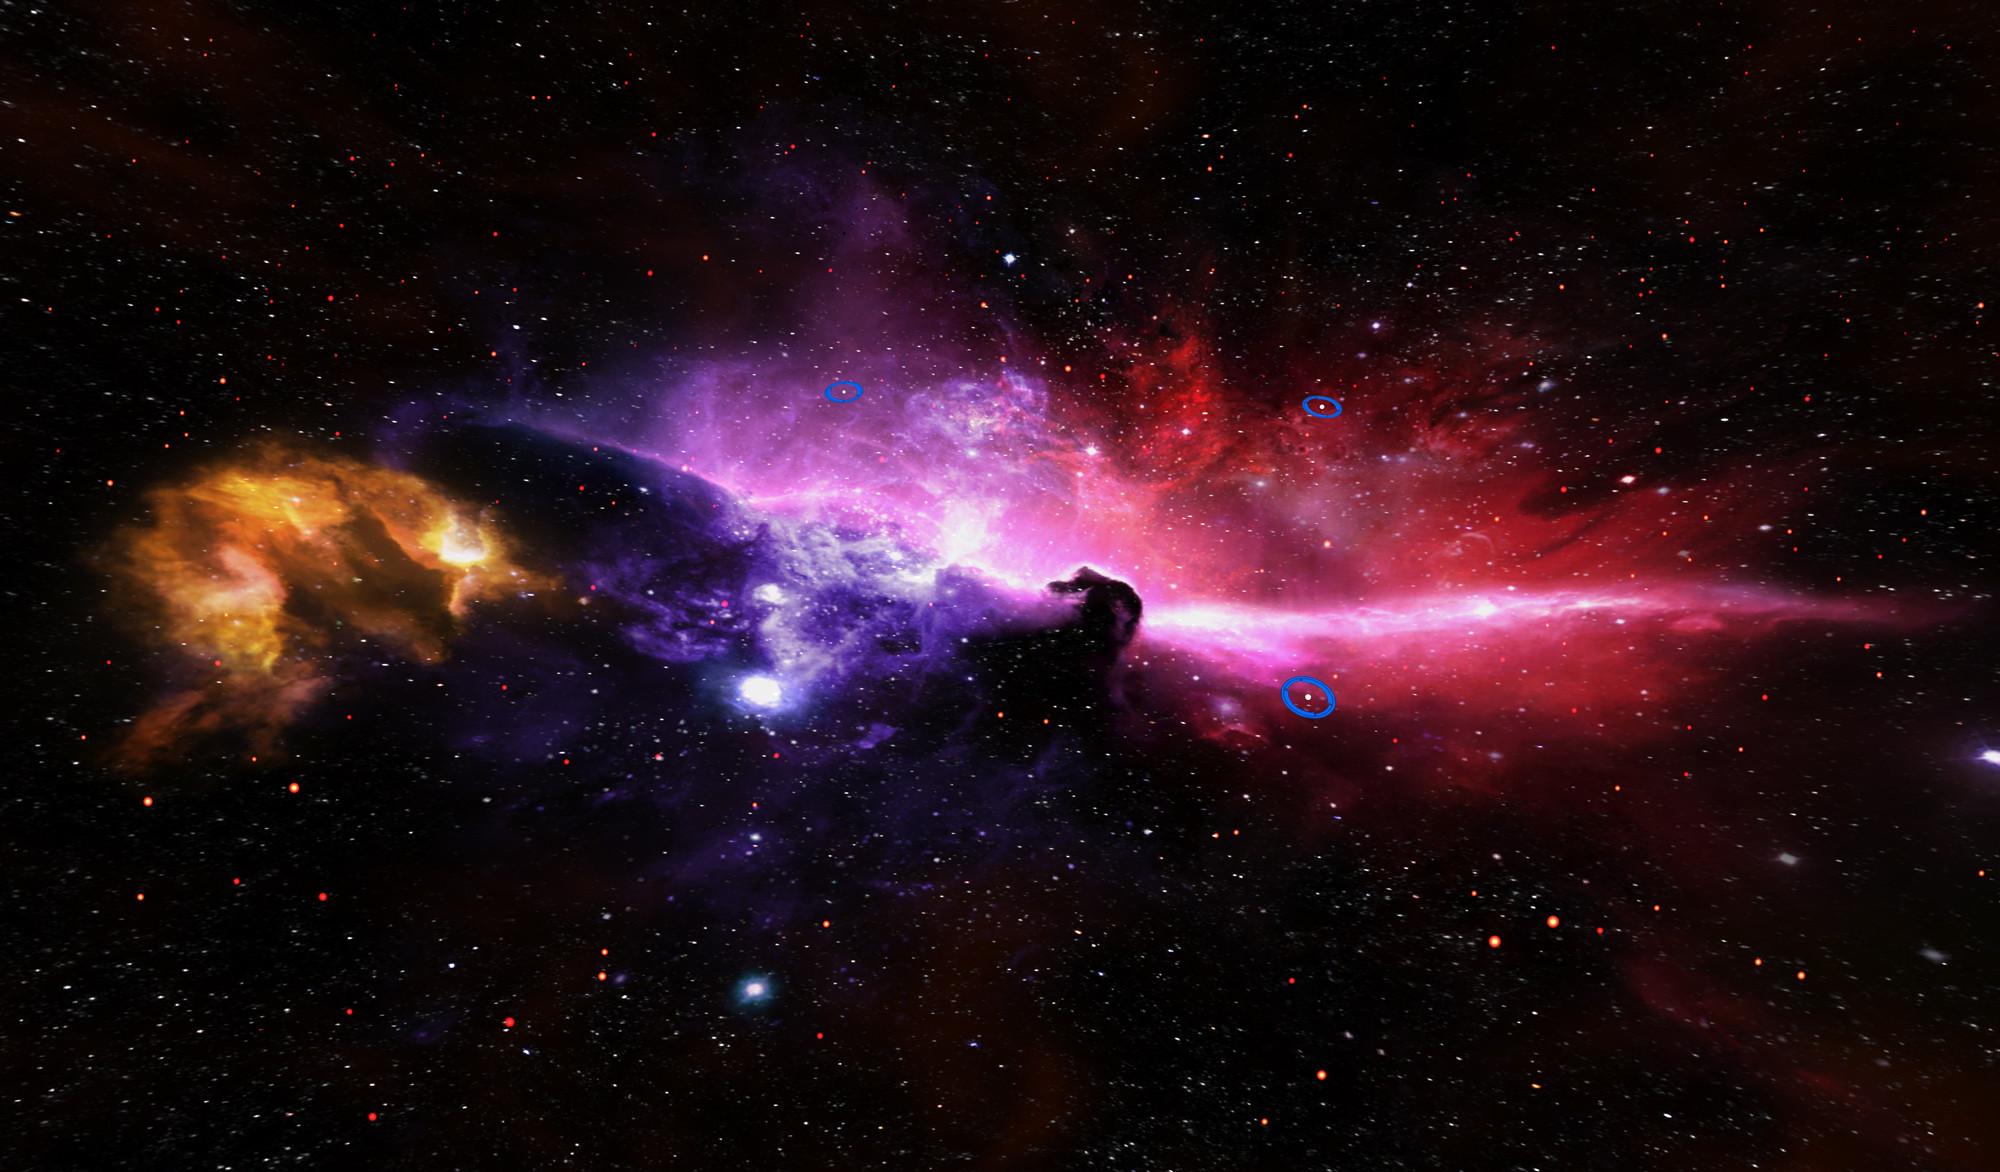 Gravity Falls Wallpapers Hd 1080p Nebula Desktop Wallpaper 67 Images